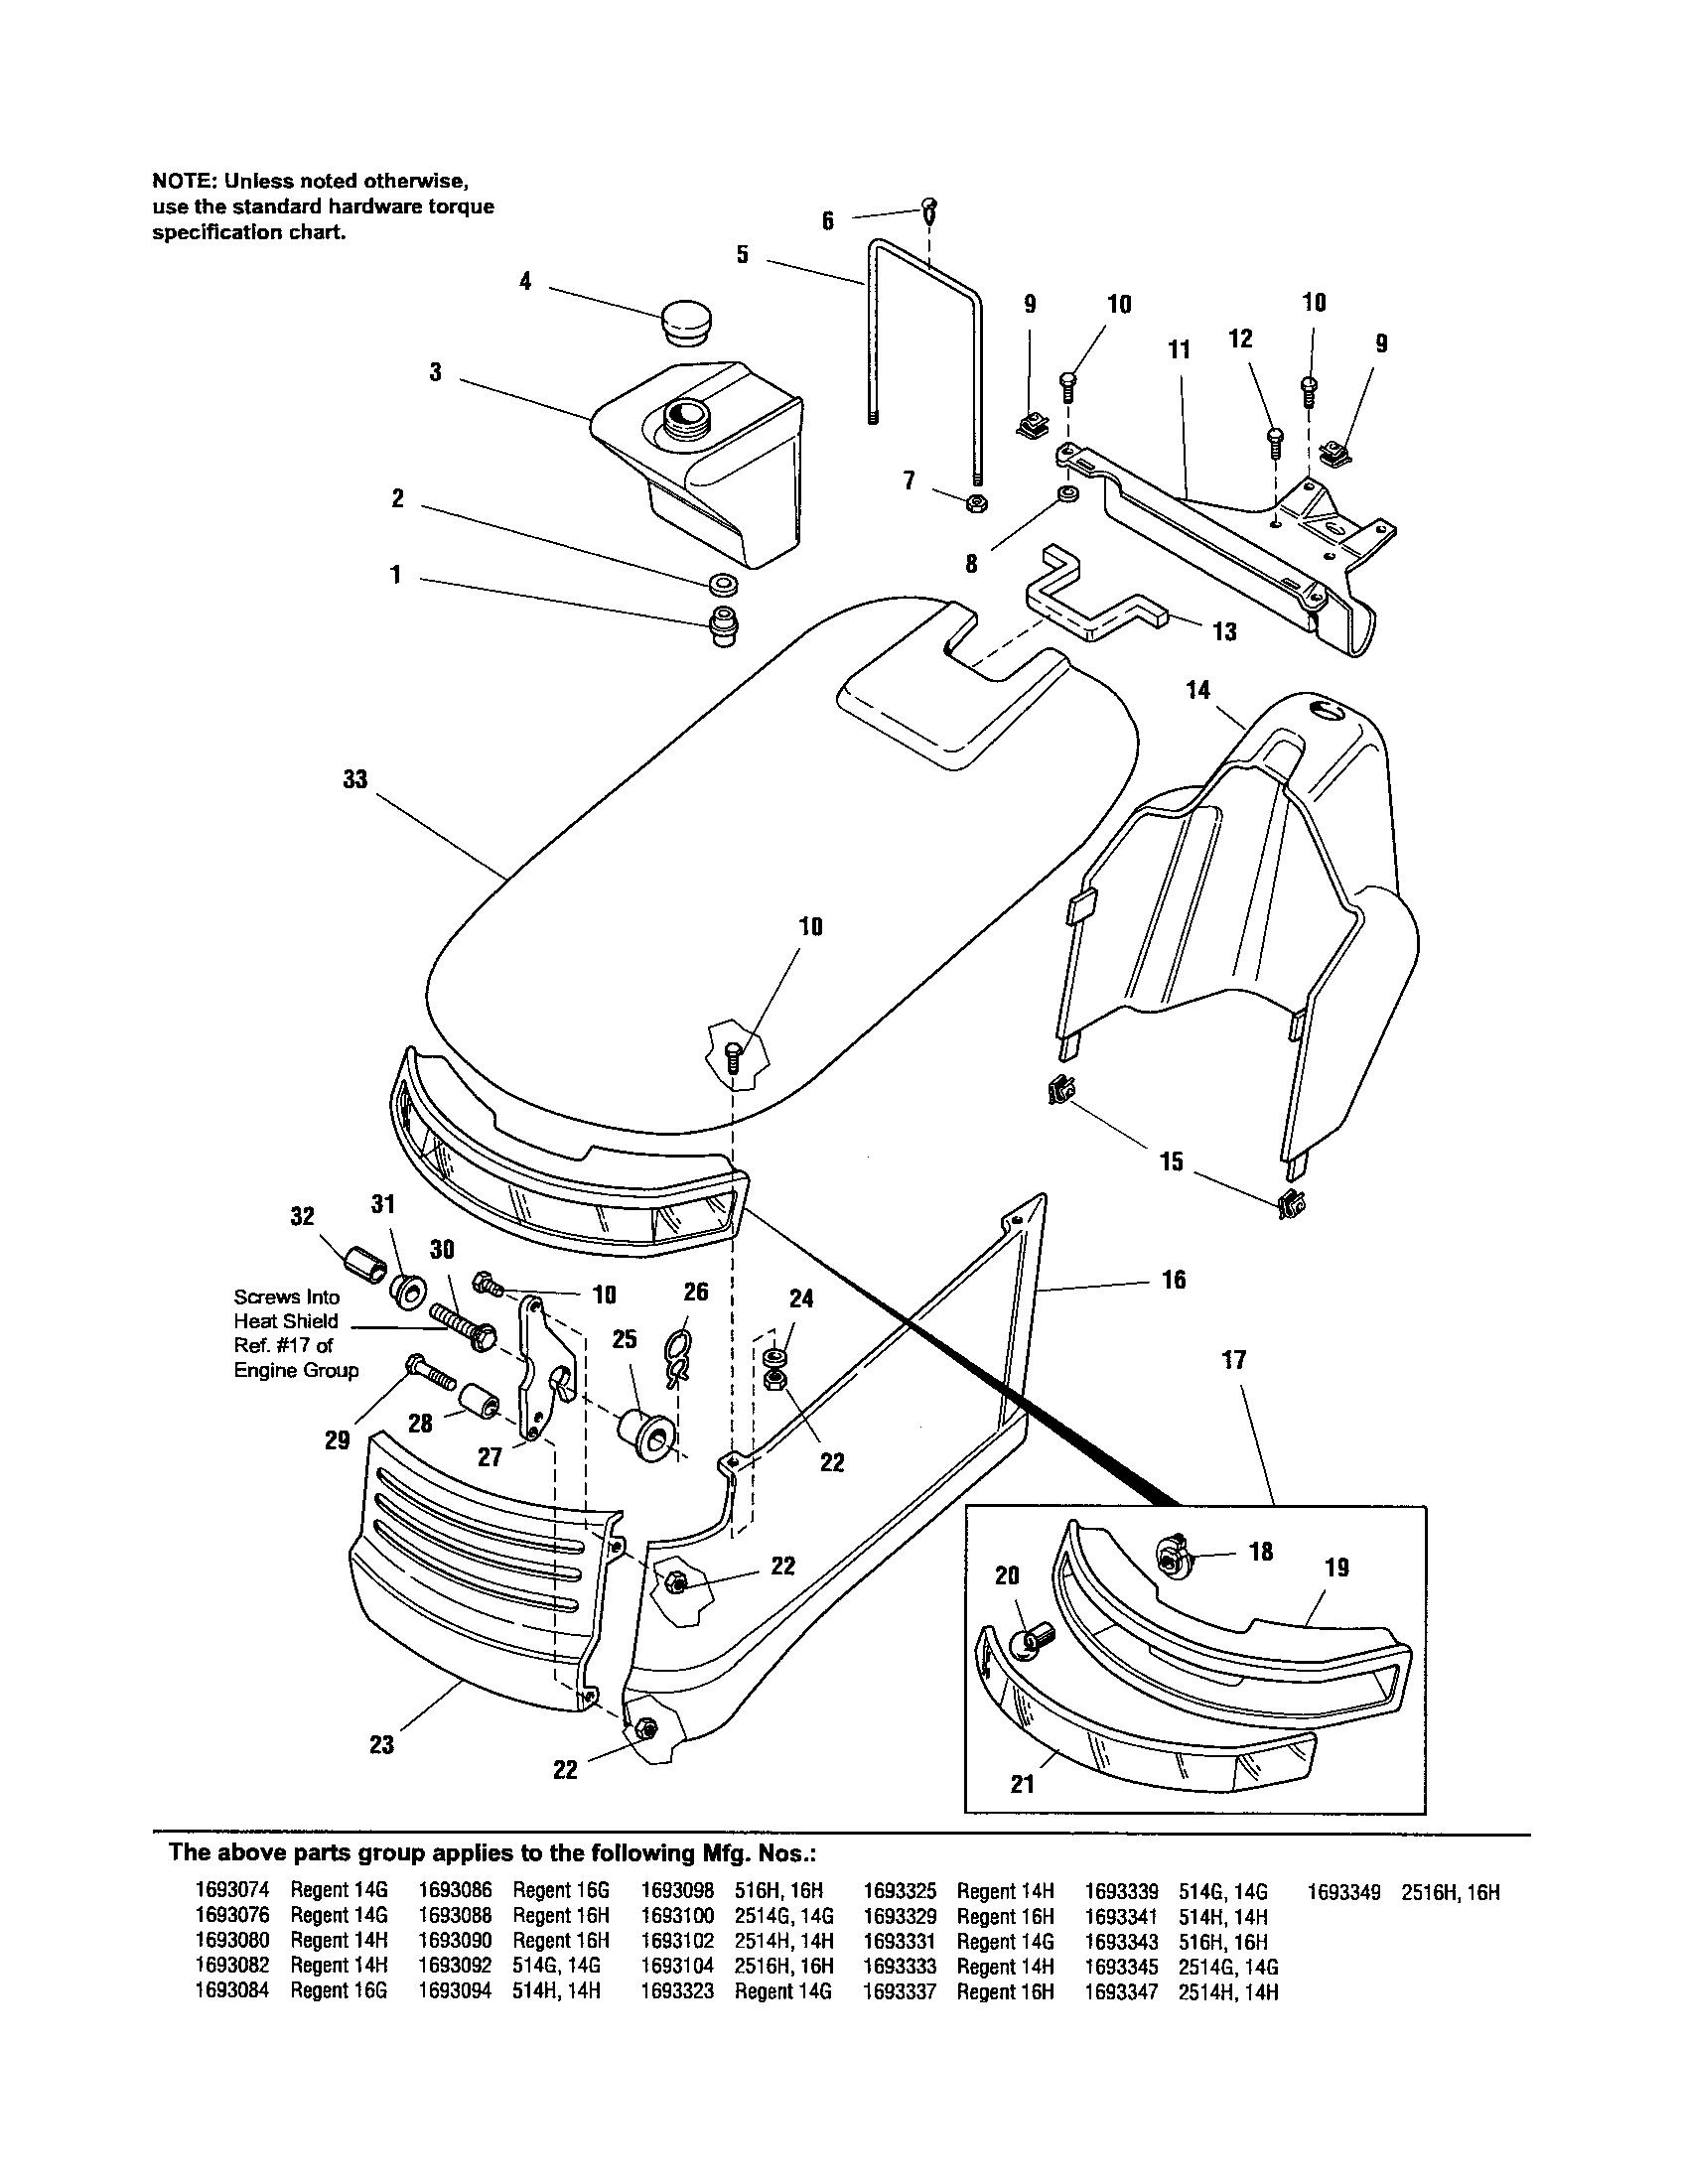 Simplicity model 1693343 lawn, tractor genuine parts